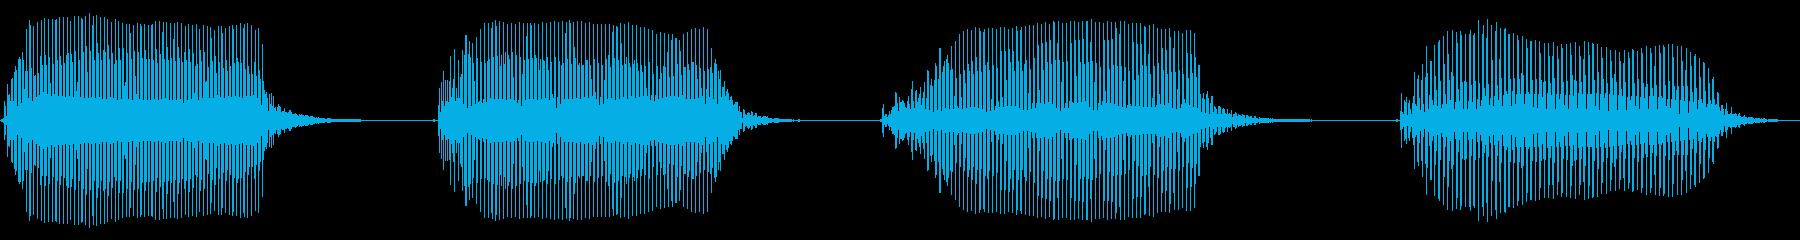 残念 下降 トランペットの再生済みの波形